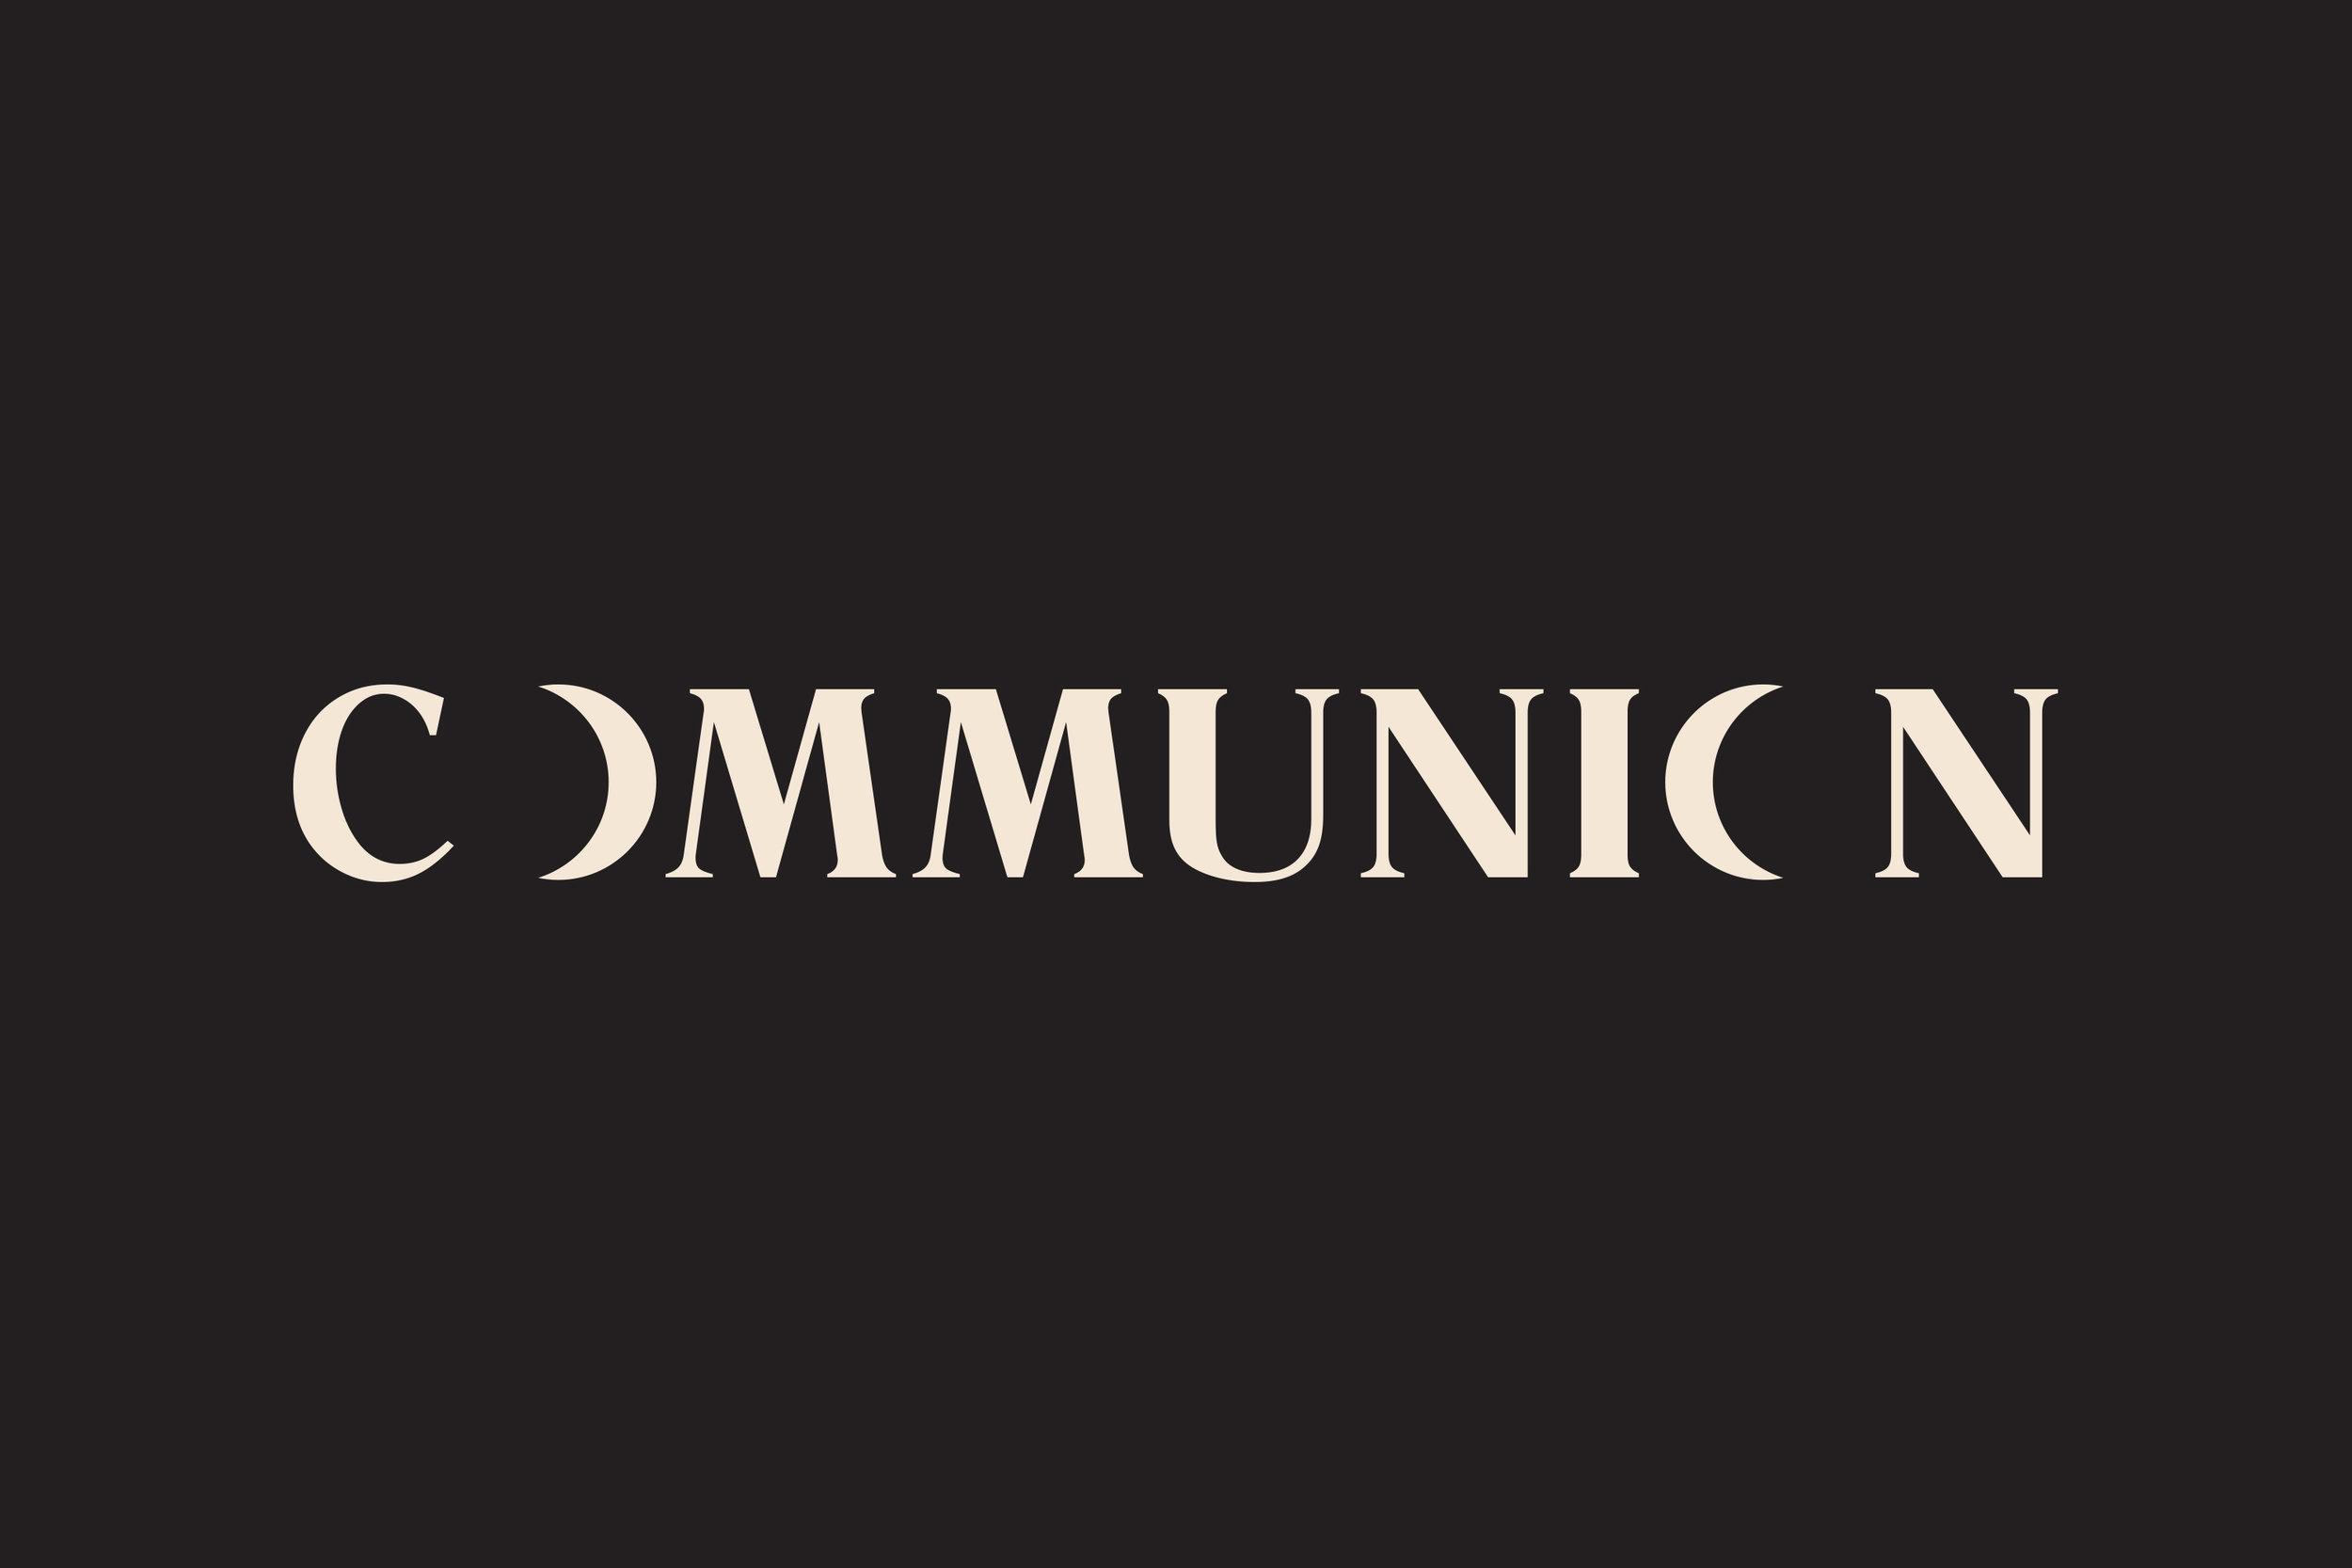 BenWagner_Communion_01.jpg